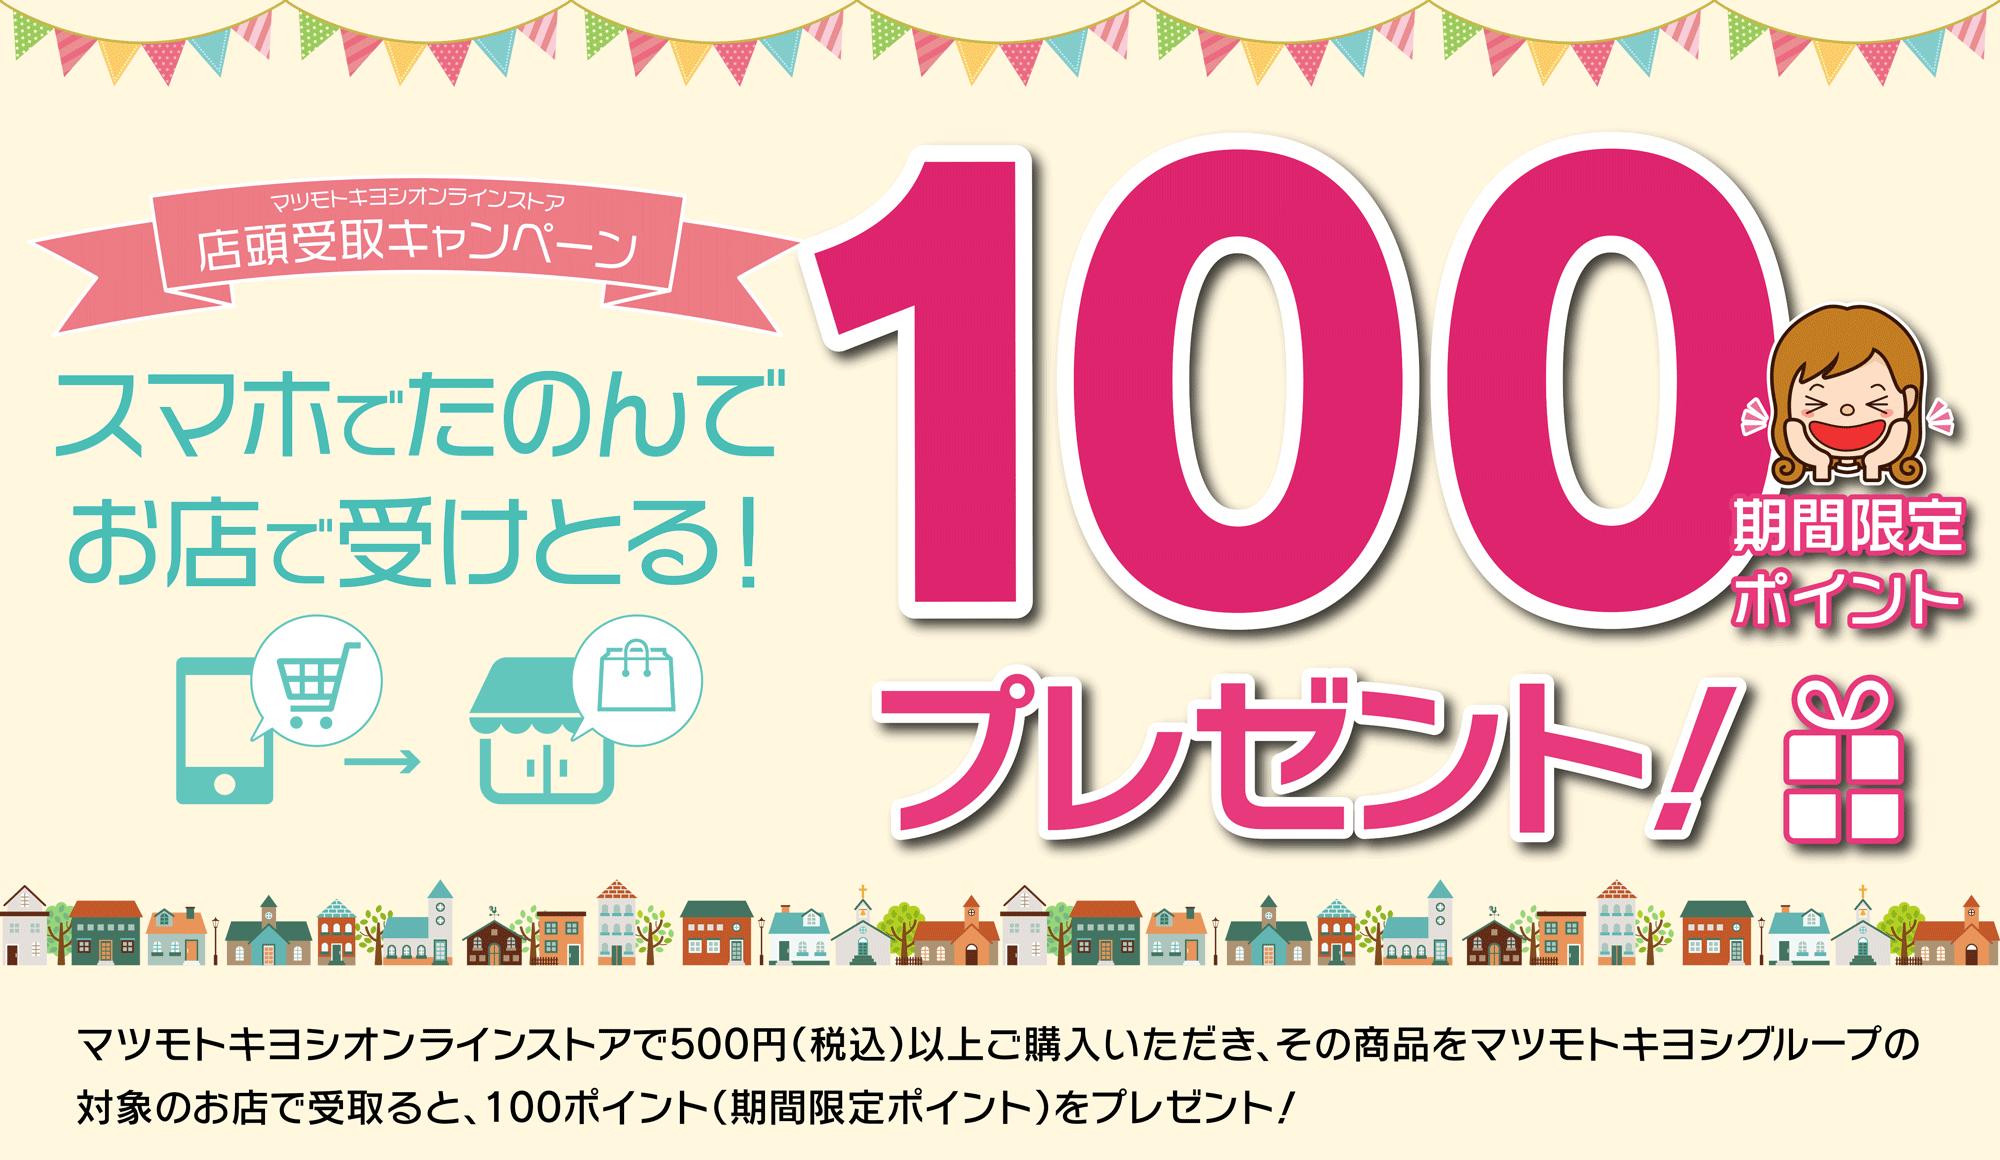 マツモトキヨシでオンラインでポチって店頭受取で100ポイントが貰える。~5/31。